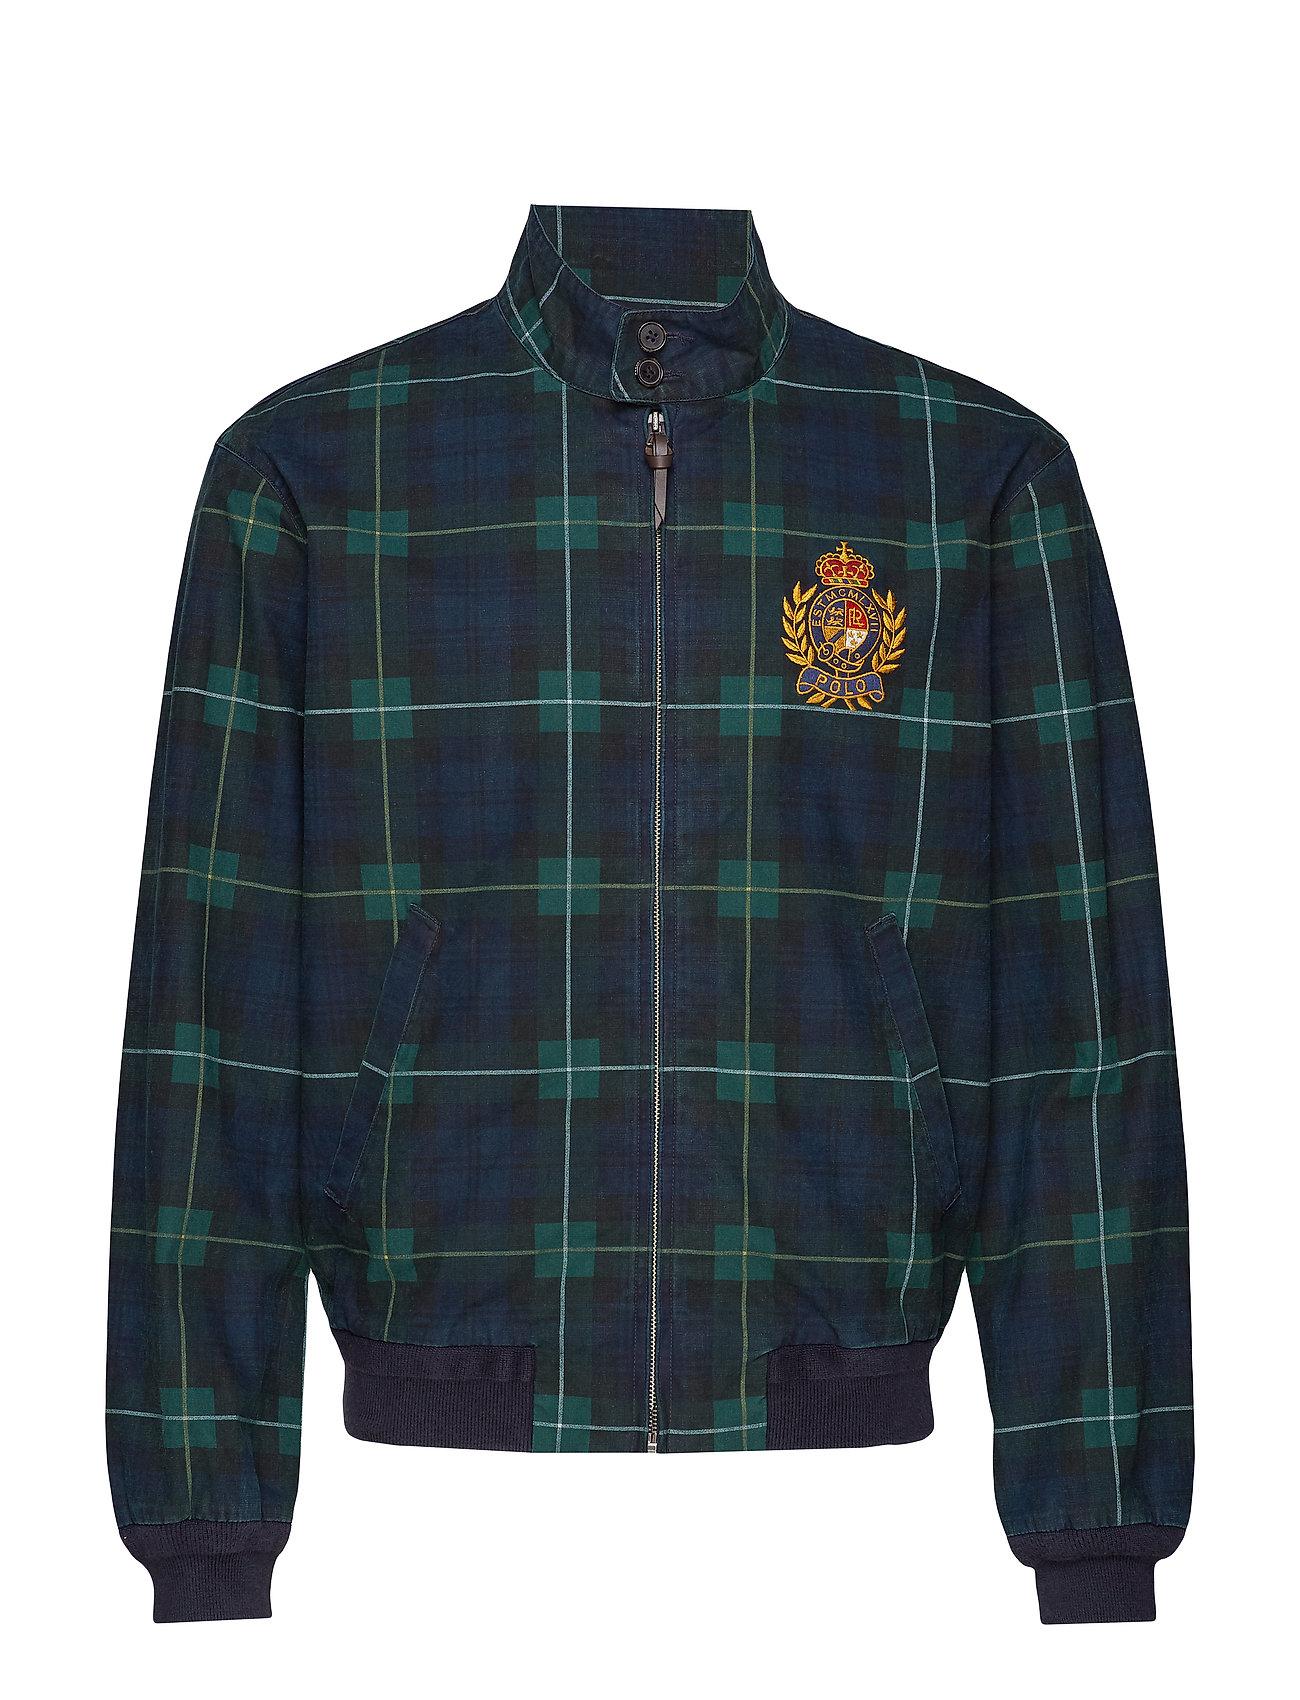 Polo Ralph Lauren Plaid Cotton Canvas Jacket - GORDON PLAID